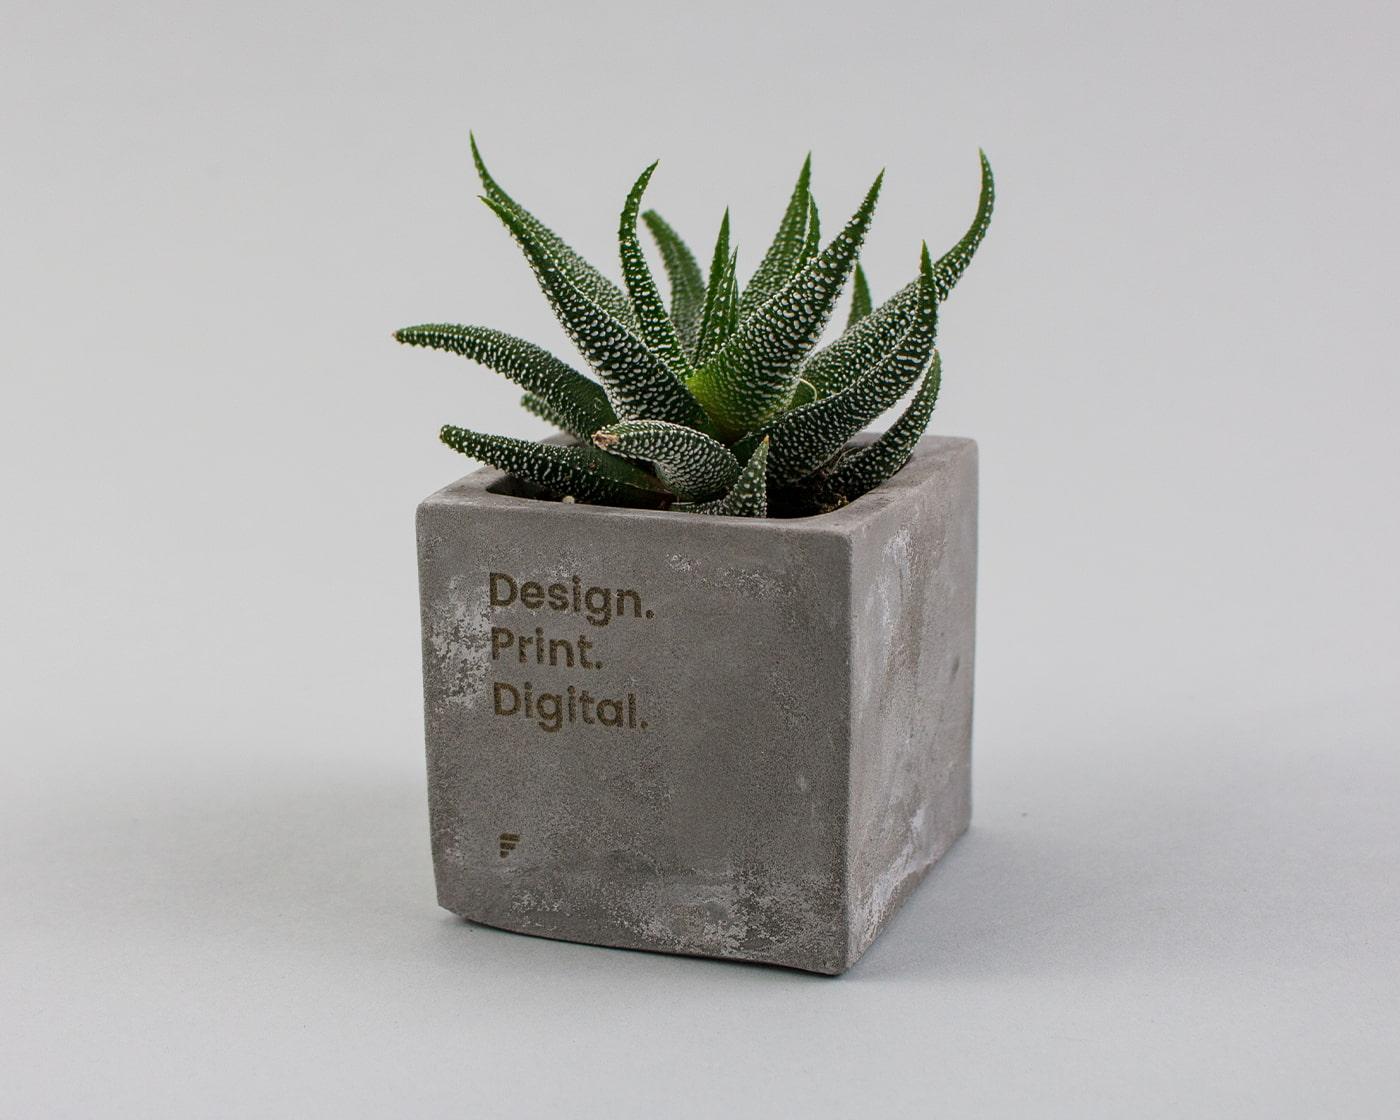 Promotional-Plant-Pots